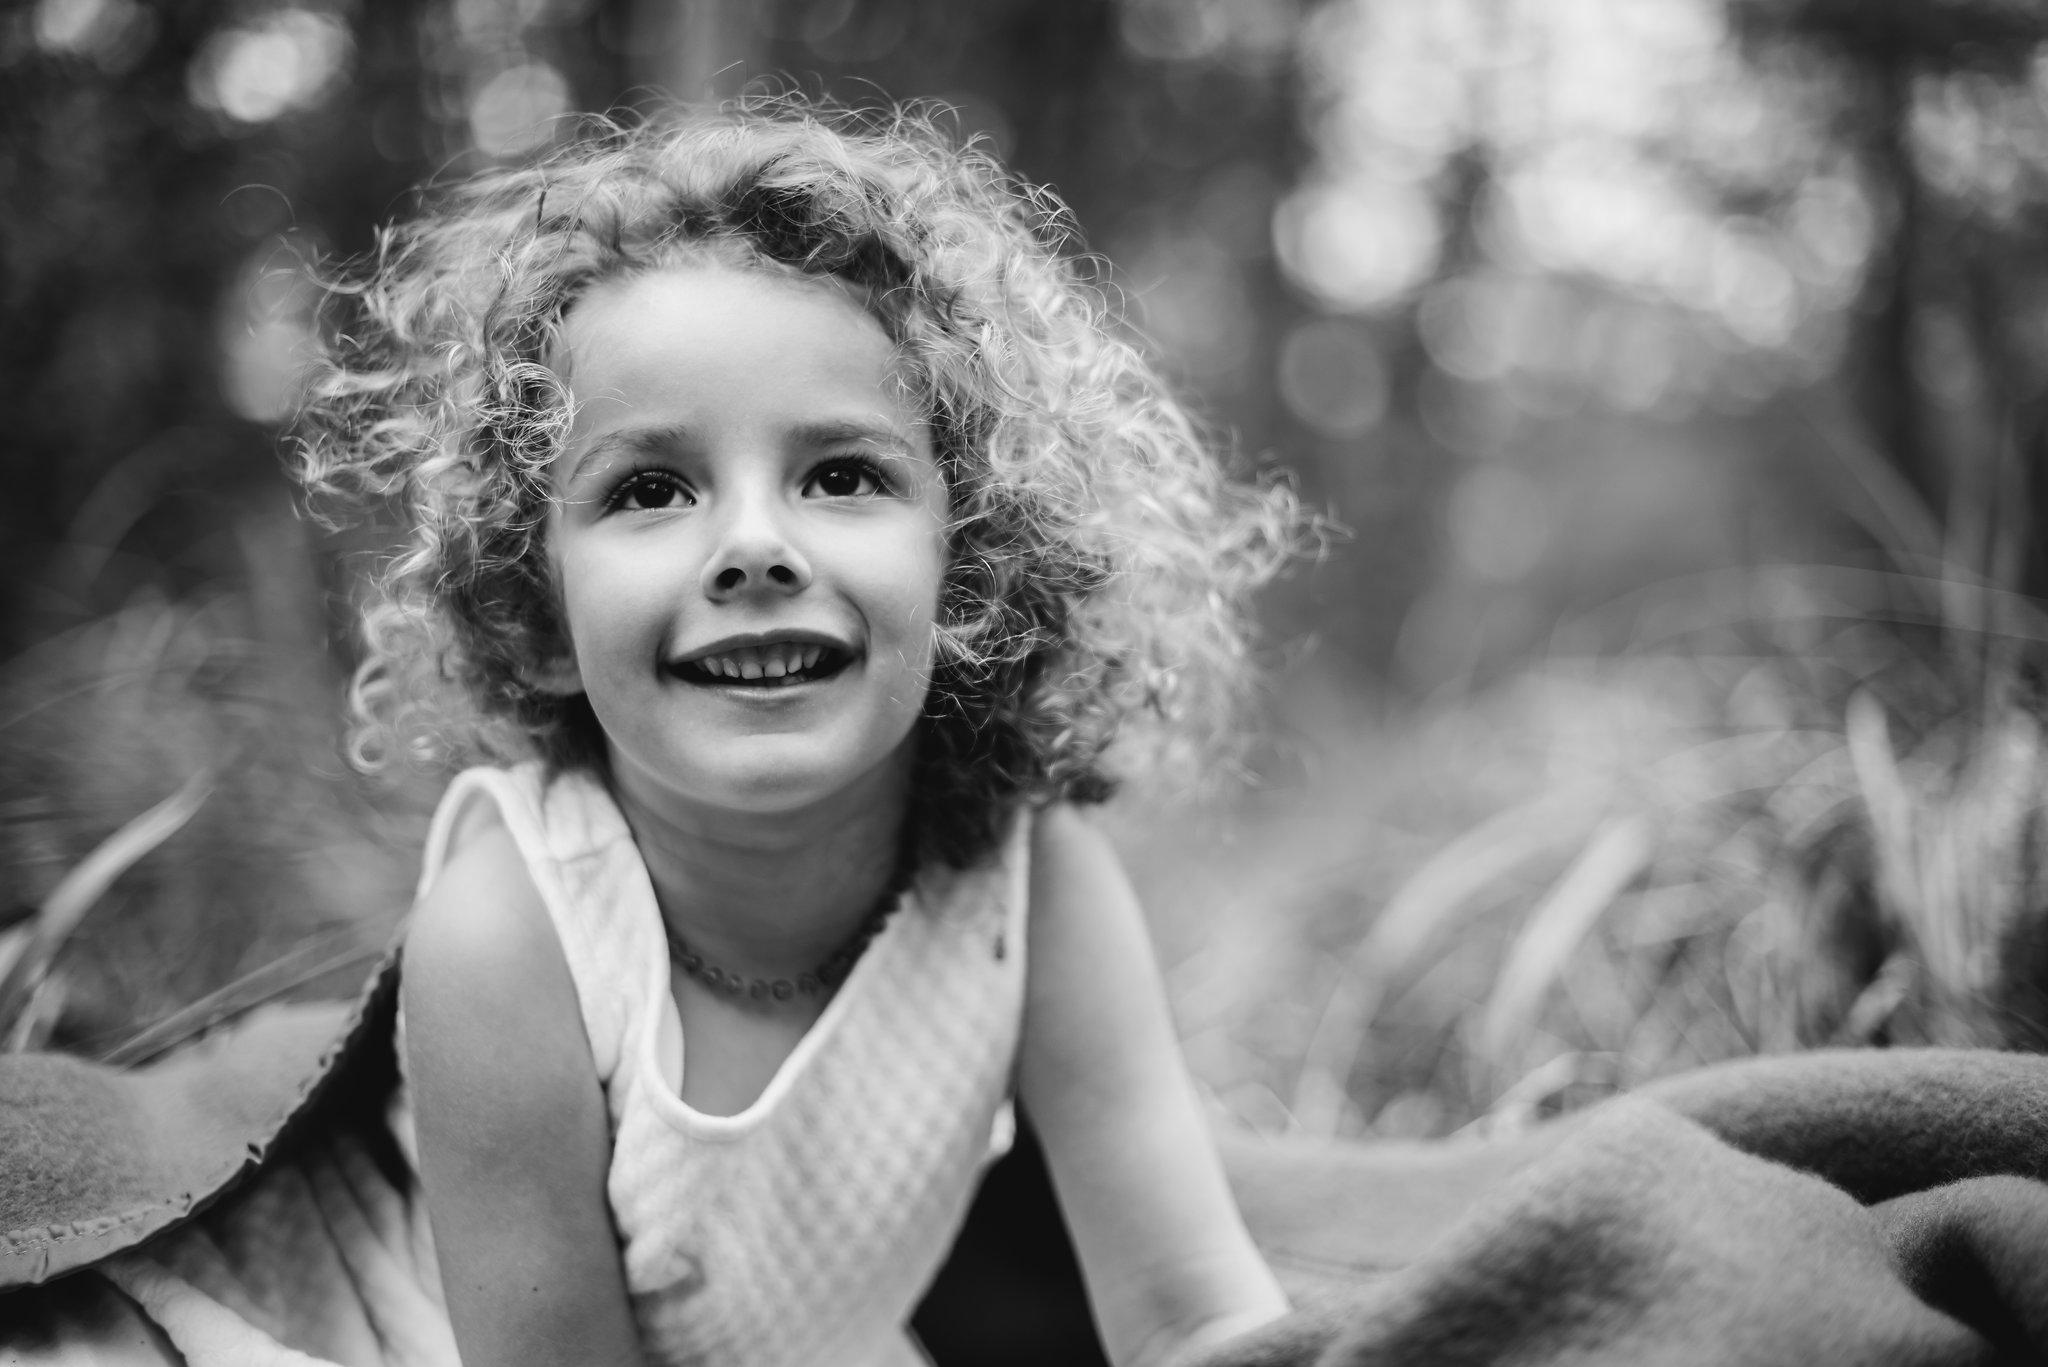 Léa-Fery-photographe-professionnel-lyon-rhone-alpes-portrait-creation-mariage-evenement-evenementiel-famille-8239.jpg